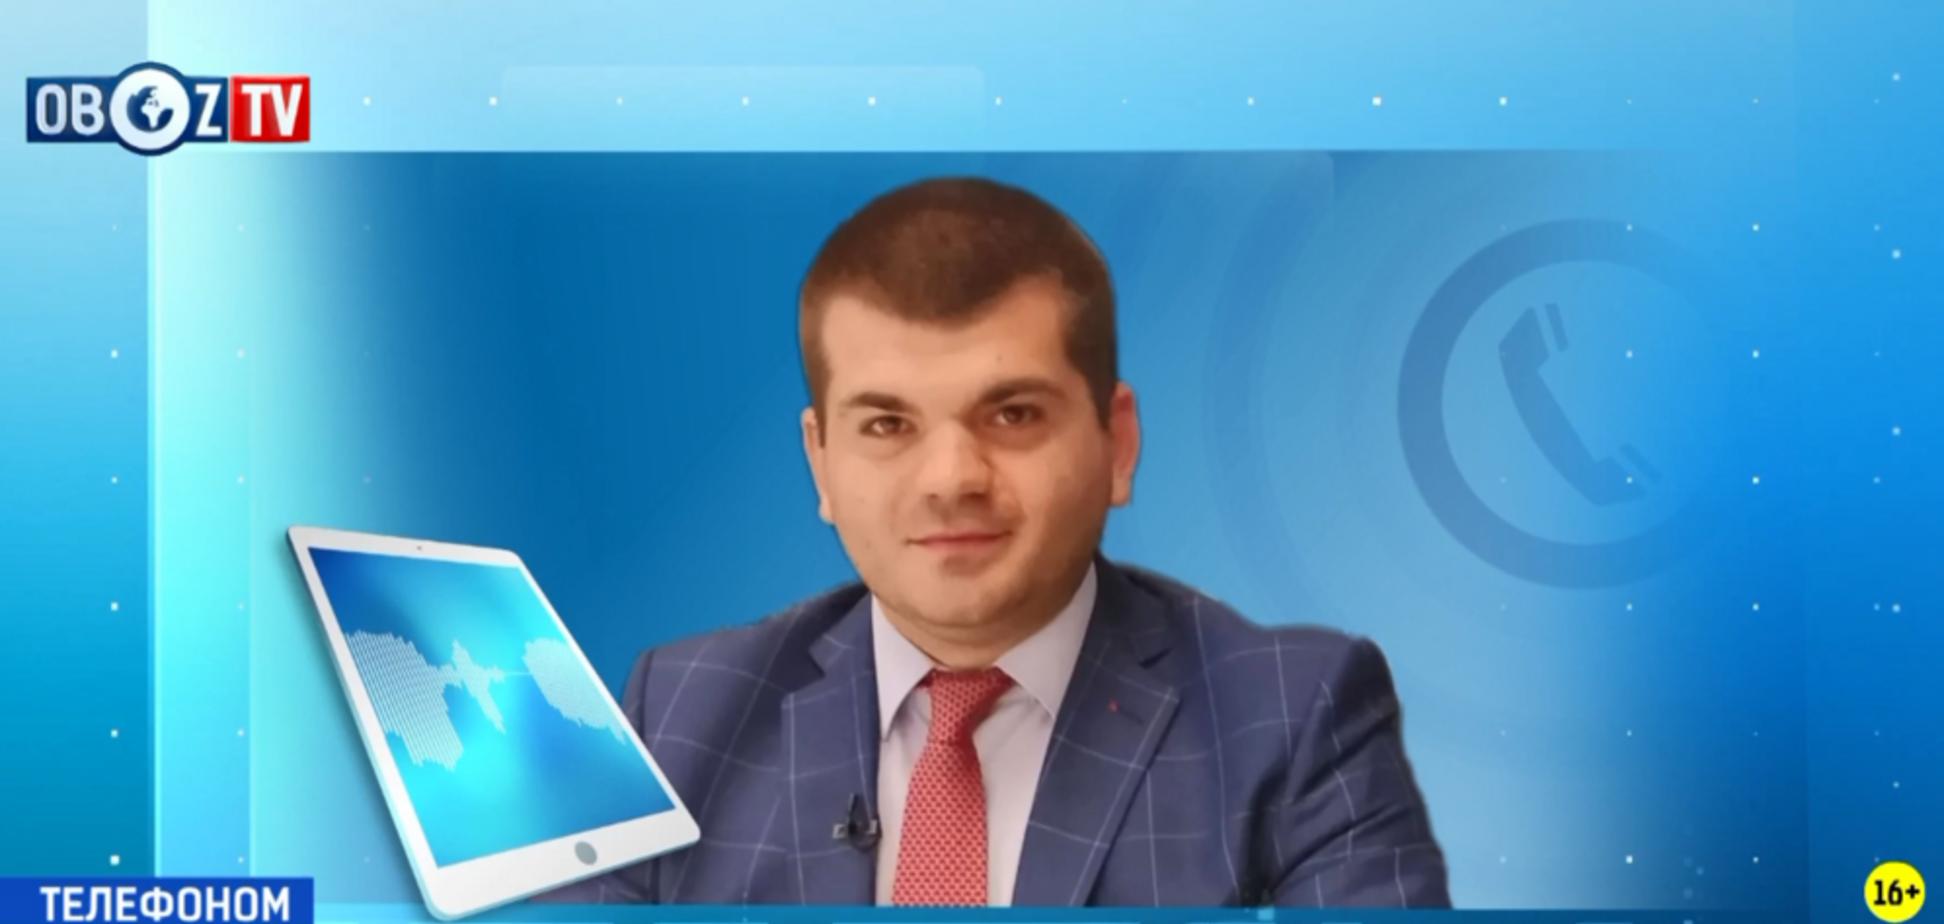 'Майдан' у Грузії: міжнародник розкрив справжні мотиви конфлікту